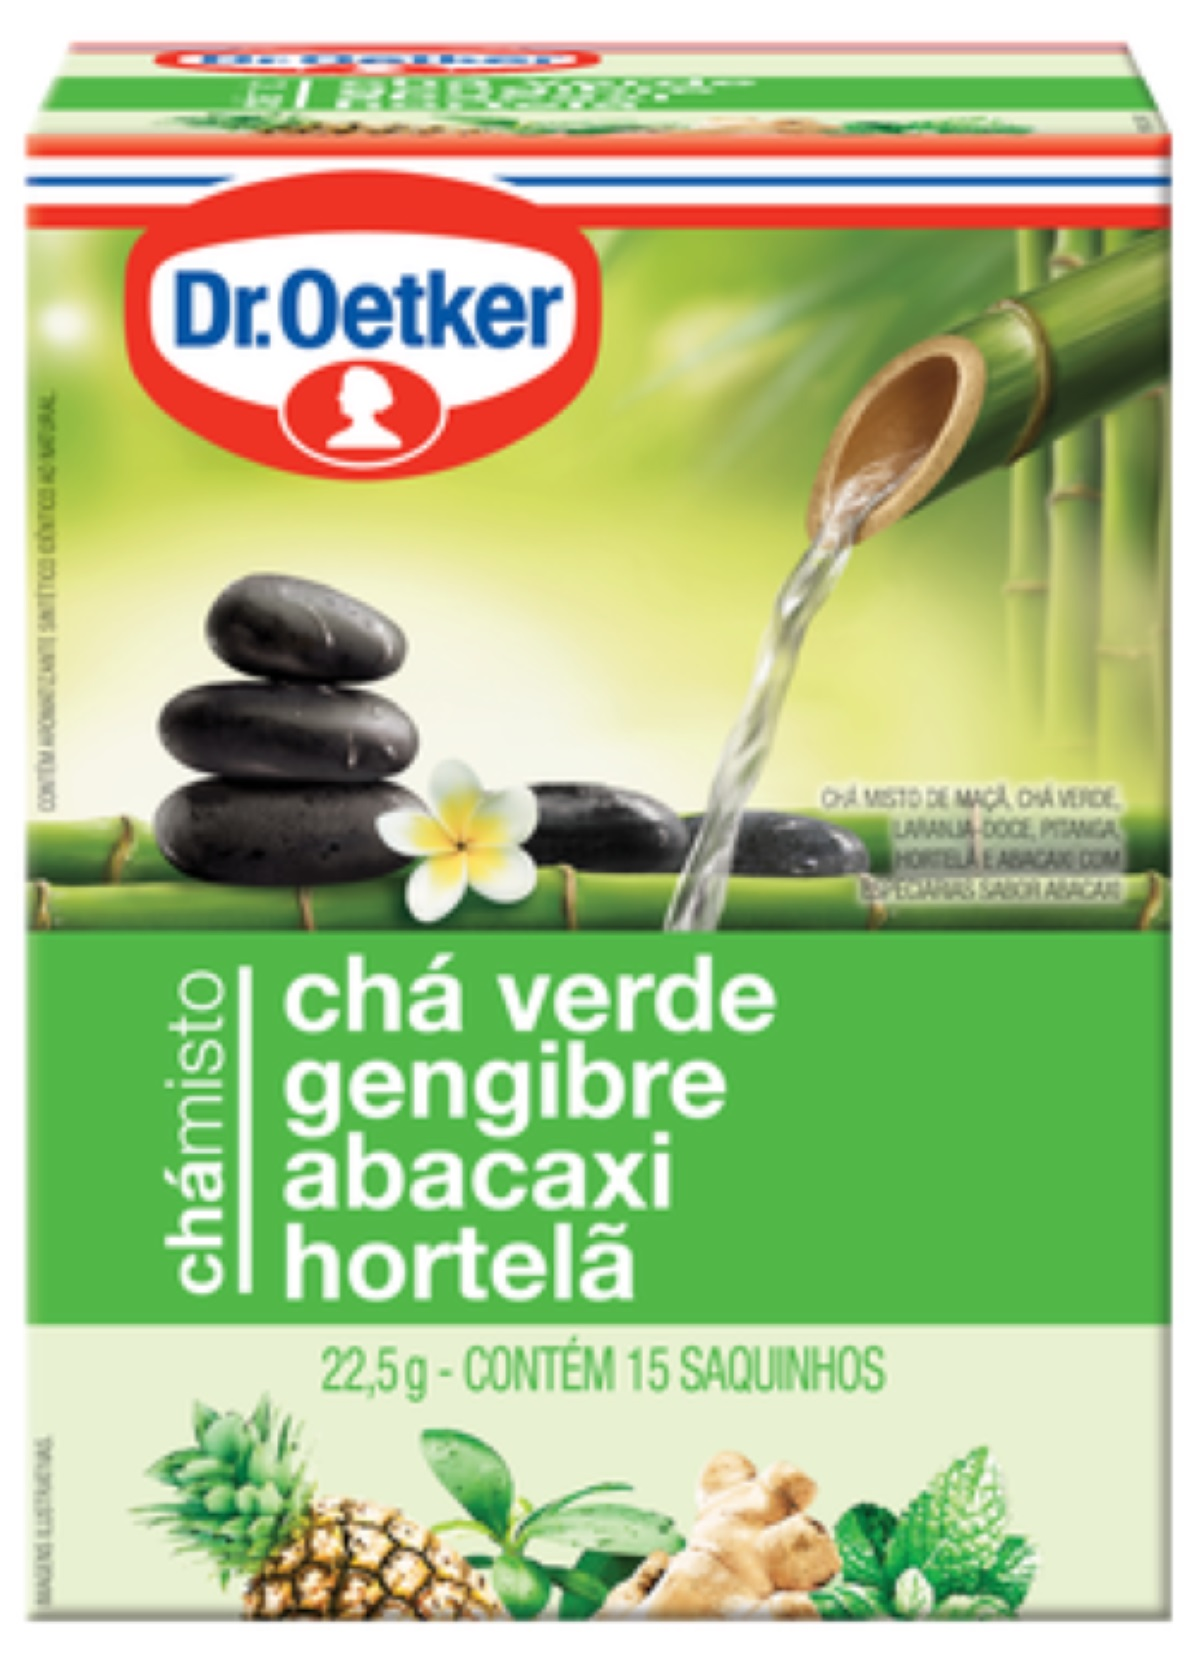 Chá Misto Verde, Gengibre, Abacaxi e Hortelã kit 02 caixas